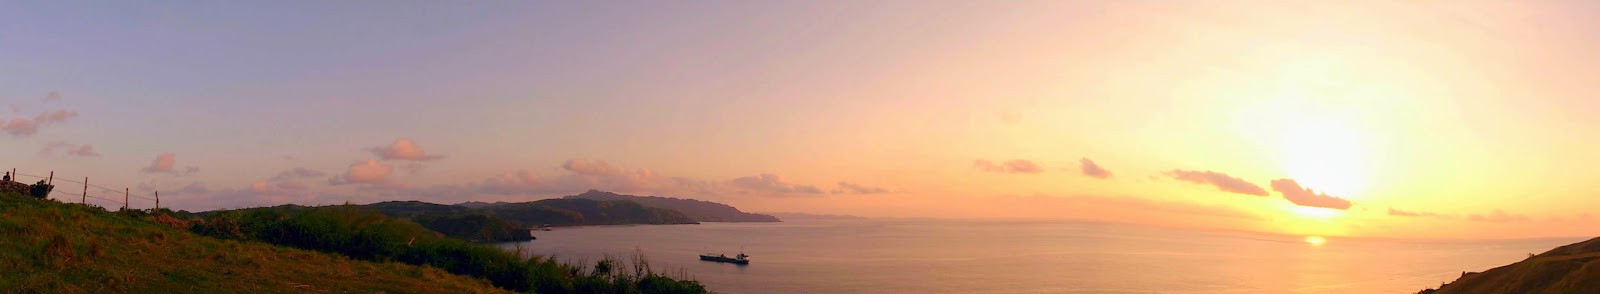 Naidi Hills, Basco, Batanes